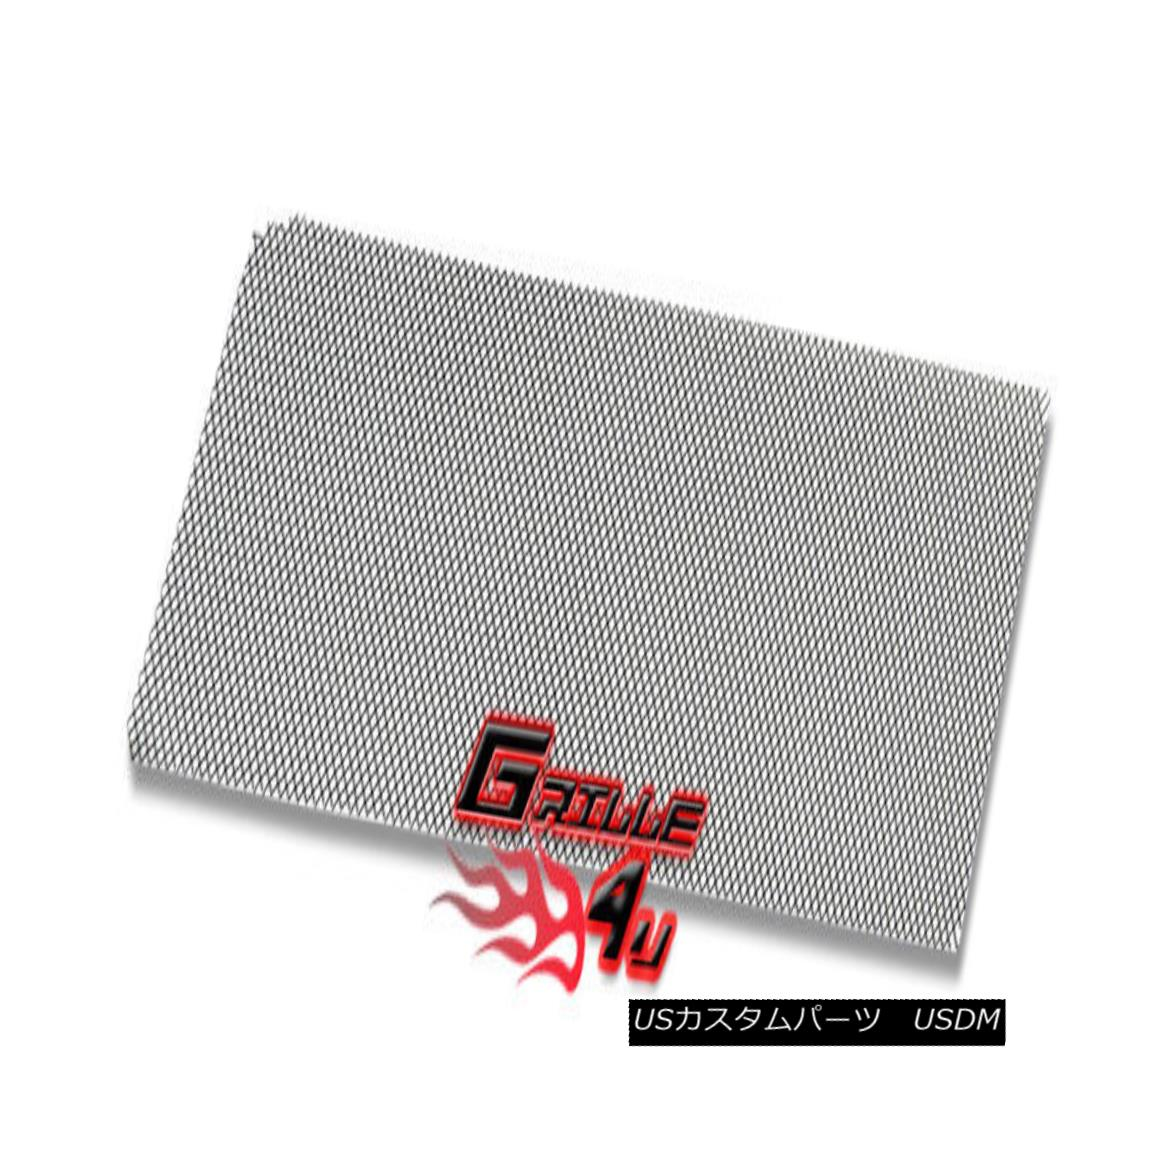 グリル For Universal Black Stainless Steel Mesh Premium Grille 12X48 5pc ユニバーサルブラックステンレススチールメッシュプレミアムグリル12X48 5個入り